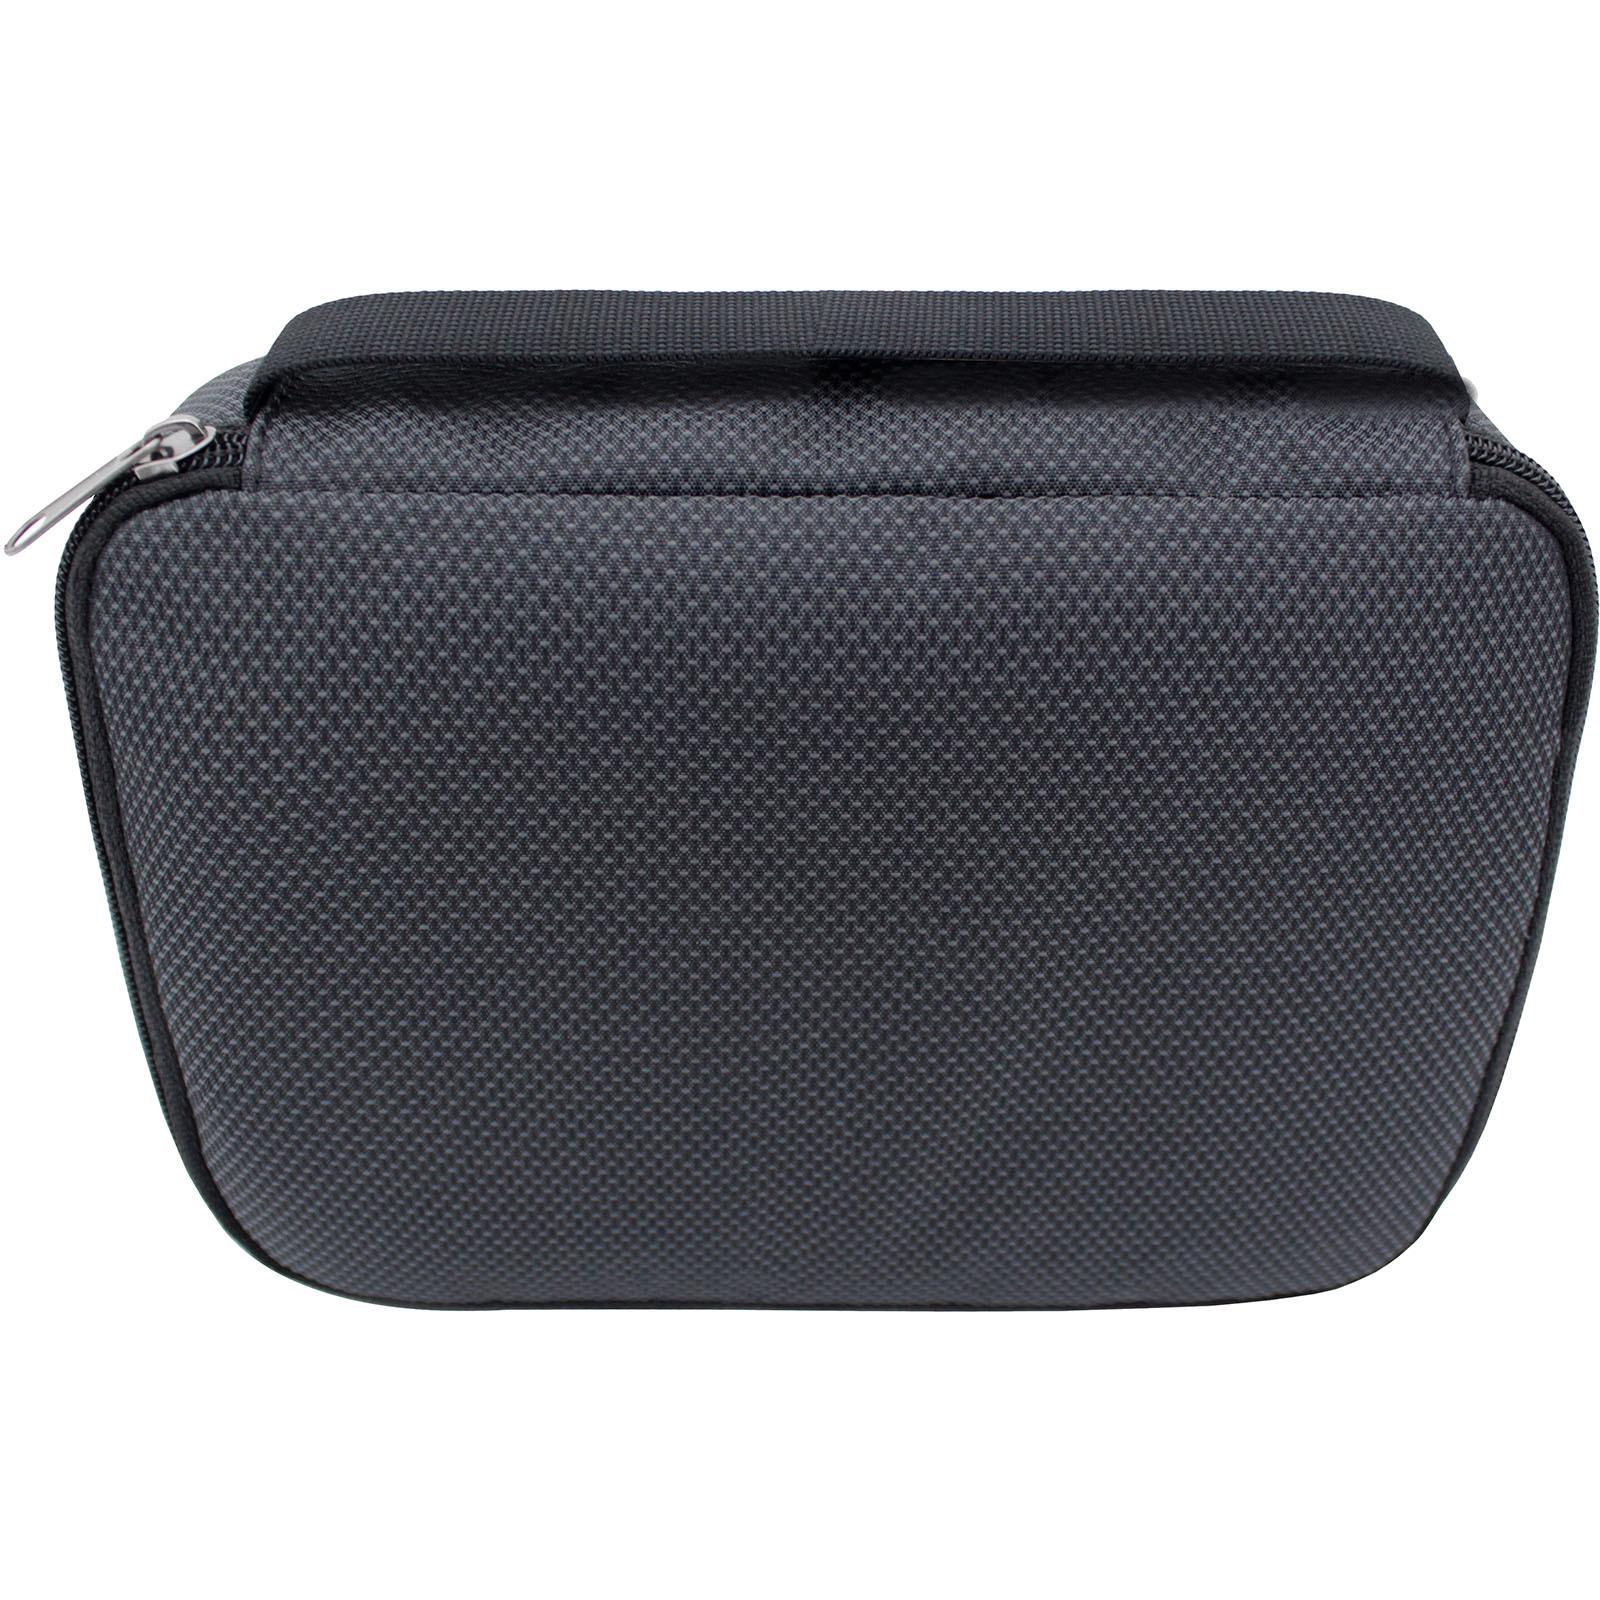 Рюкзак для ноутбука Bagland Jasper 19 л. Чёрный (00155169) фото 11